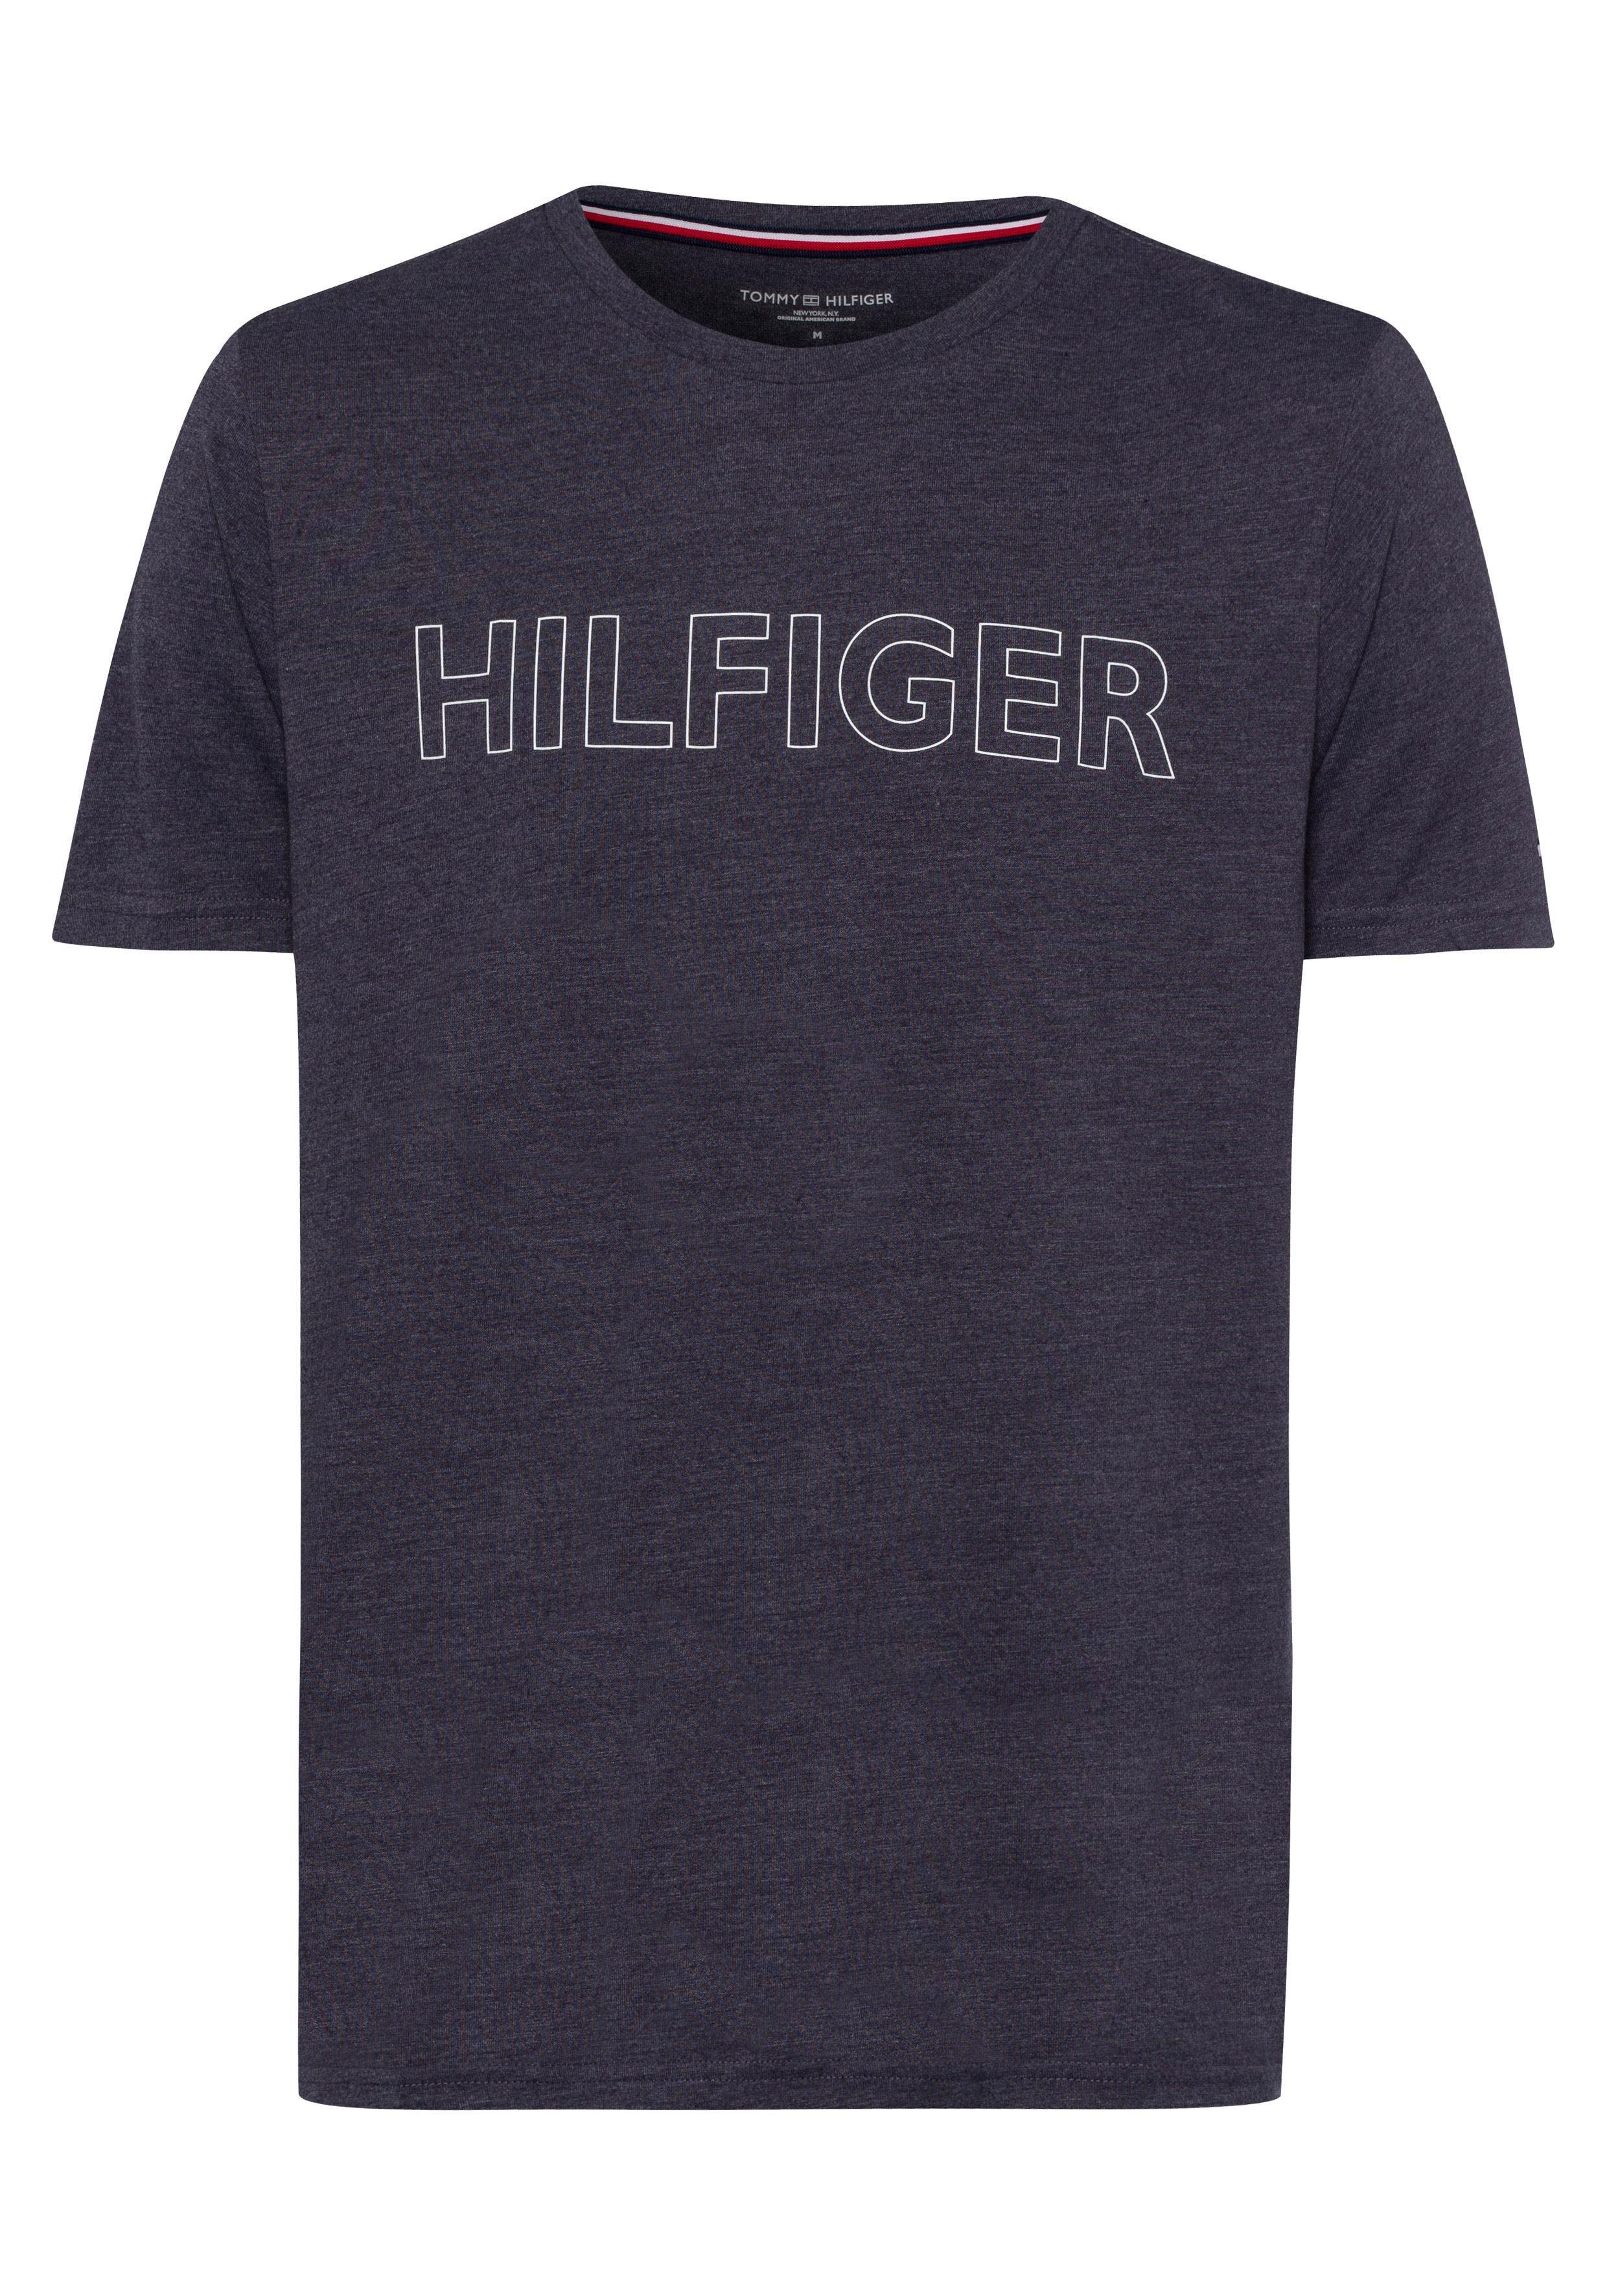 TOMMY HILFIGER T-Shirt »HILFIGER AIR«